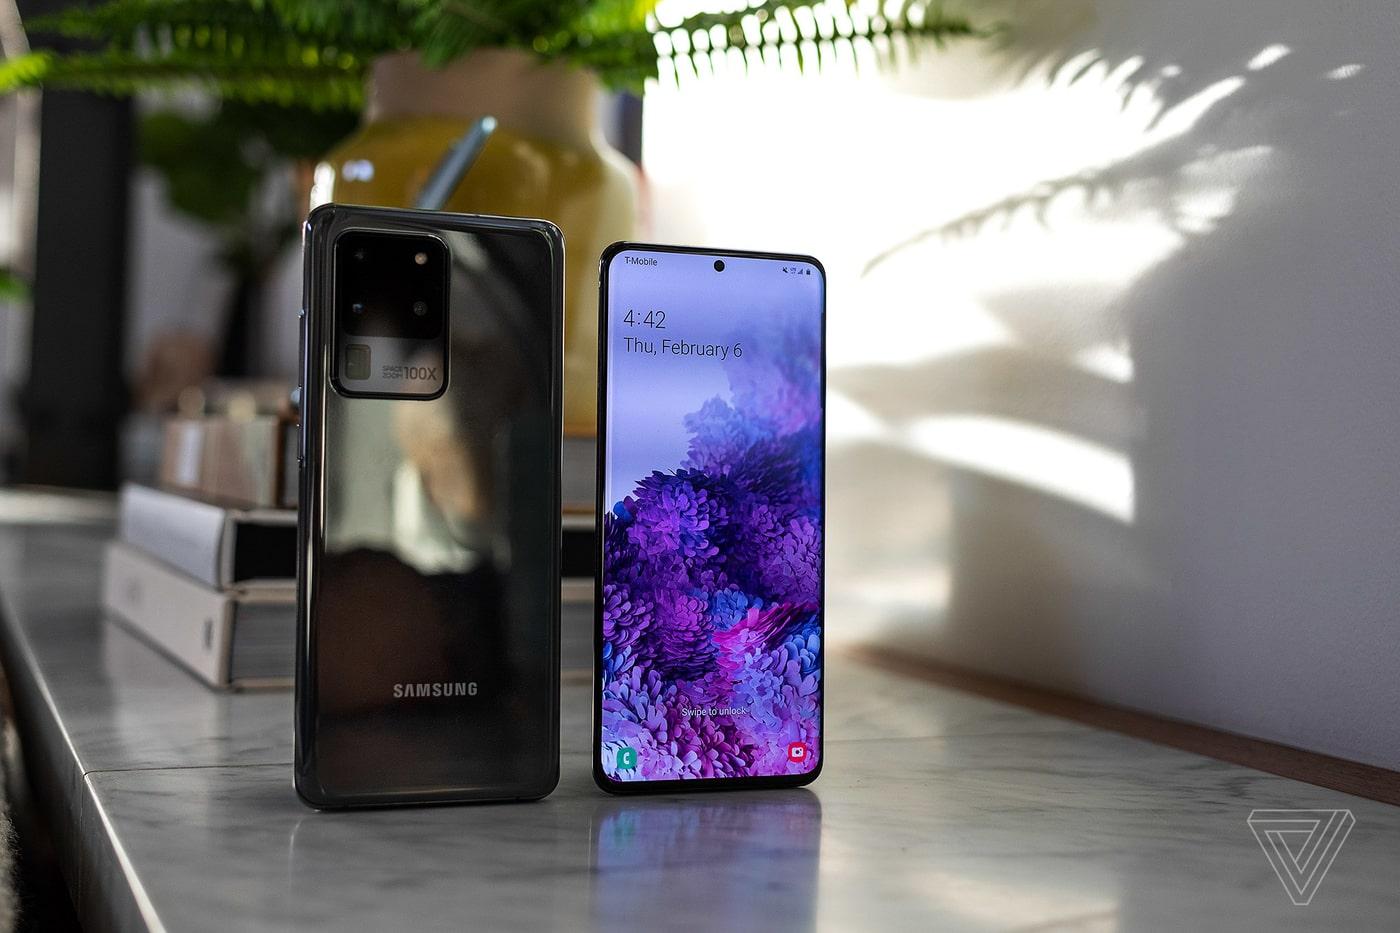 Quay video độ phân giải 8K trên Samsung Galaxy S20 có thể tốn đến 600MB dung lượng lưu trữ mỗi phút | Hãy chọn mua phiên bản Galaxy S20 có bộ nhớ lưu trữ lớn hoặc chuẩn bị